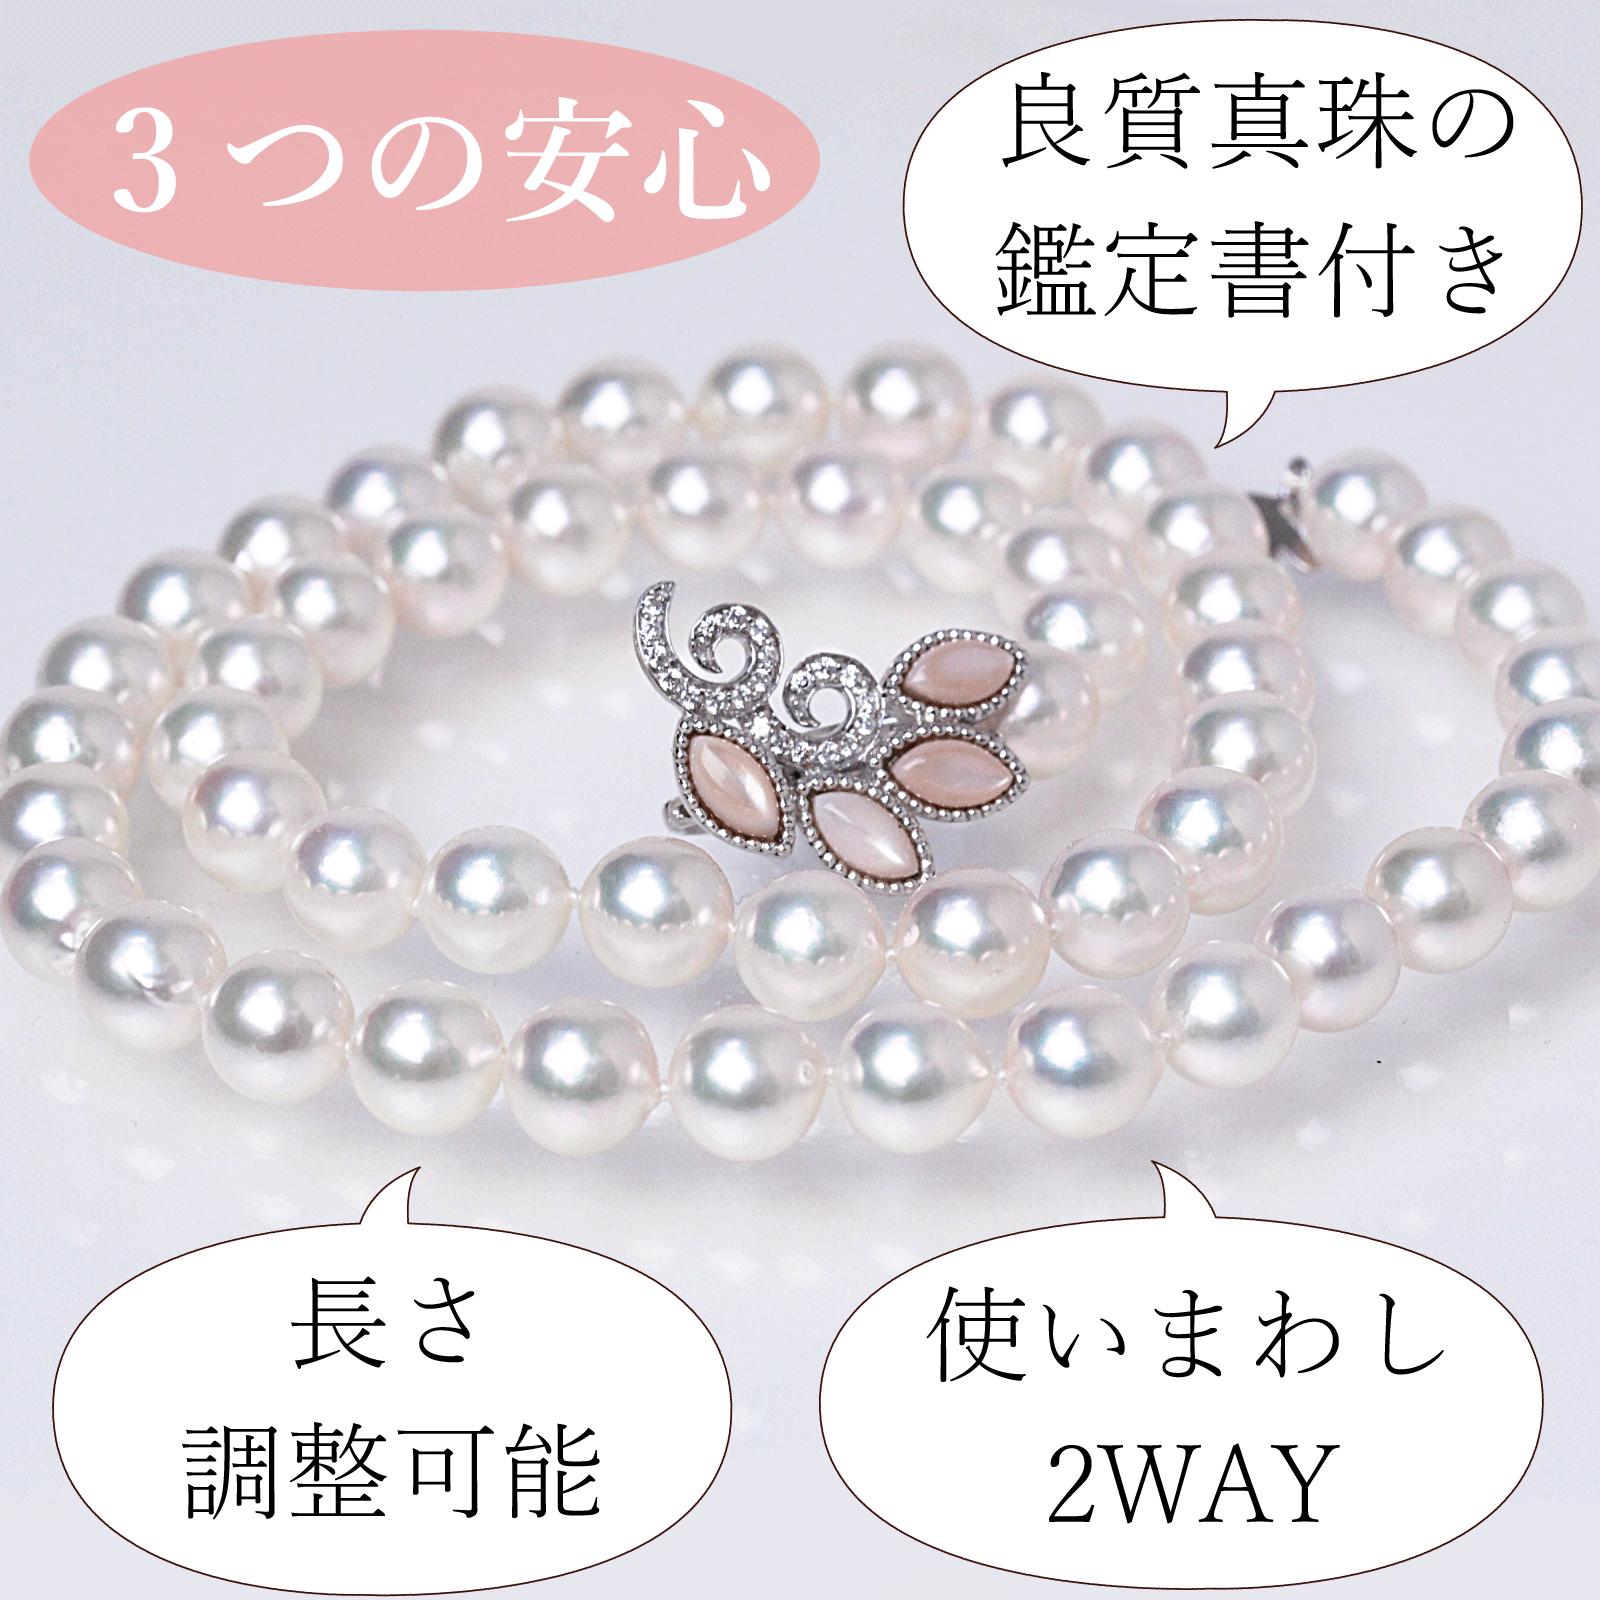 3つの安心 良質真珠の鑑定書付き 長さ調整可能 使いまわし2WAY